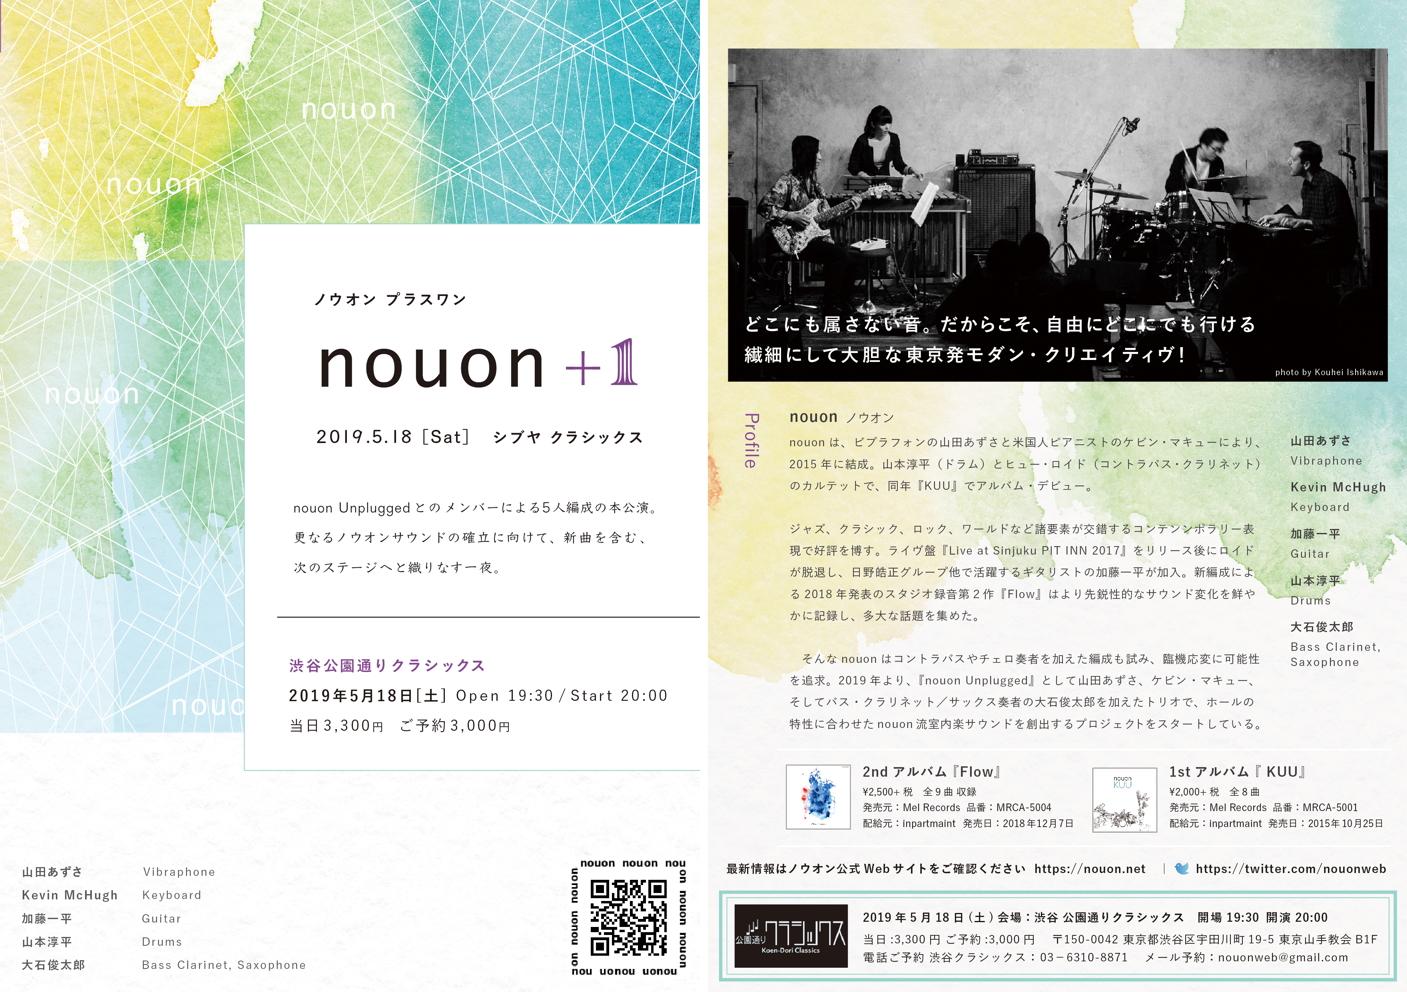 nouon +1 ノウオンプラスワン